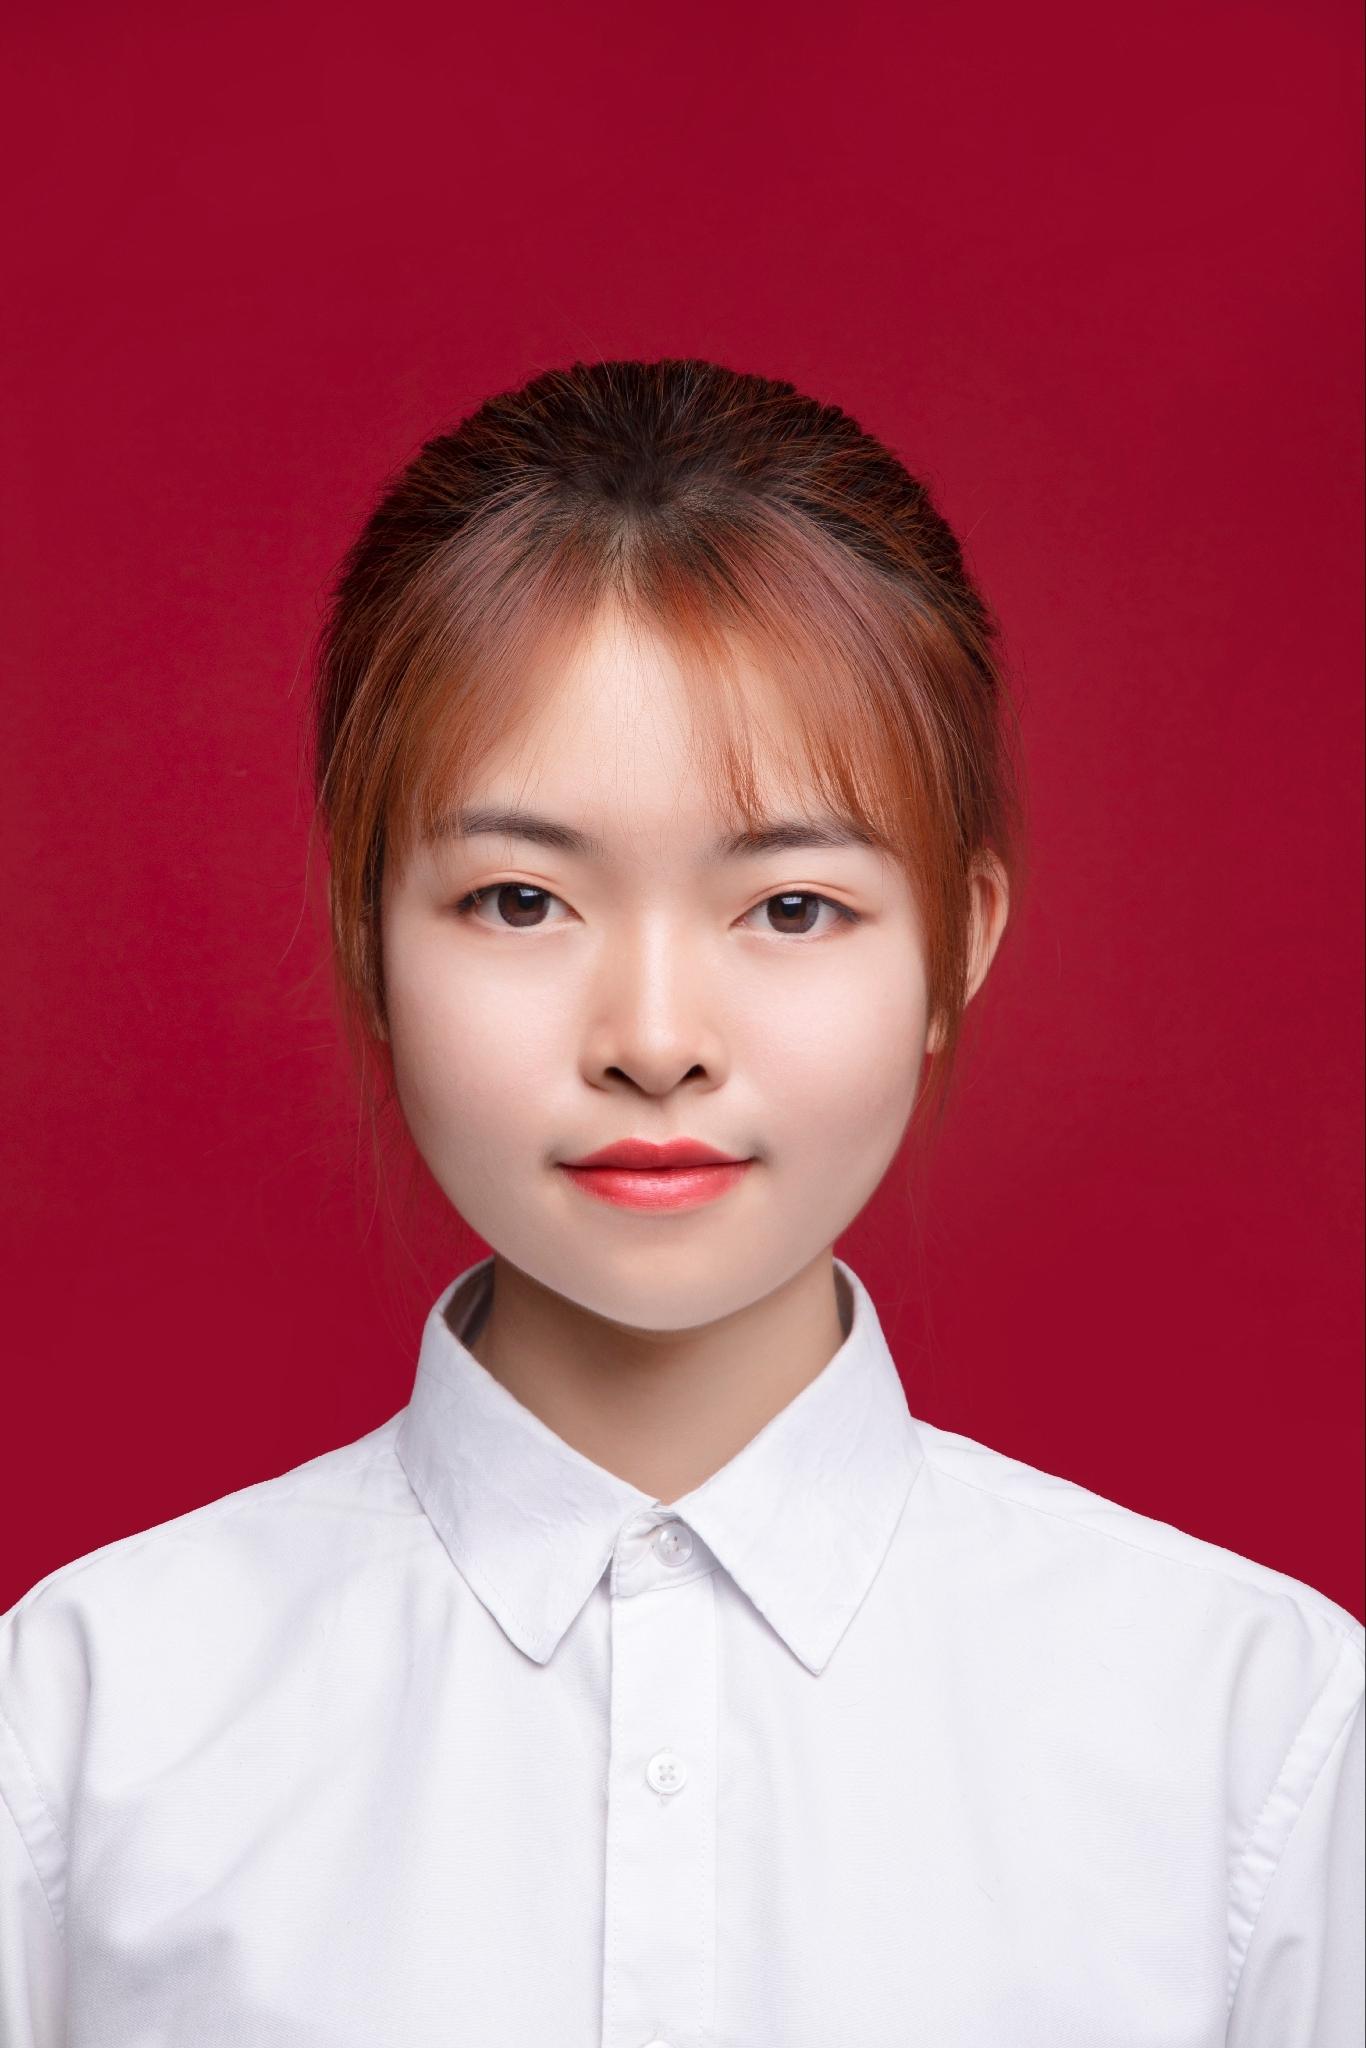 上海家教温老师